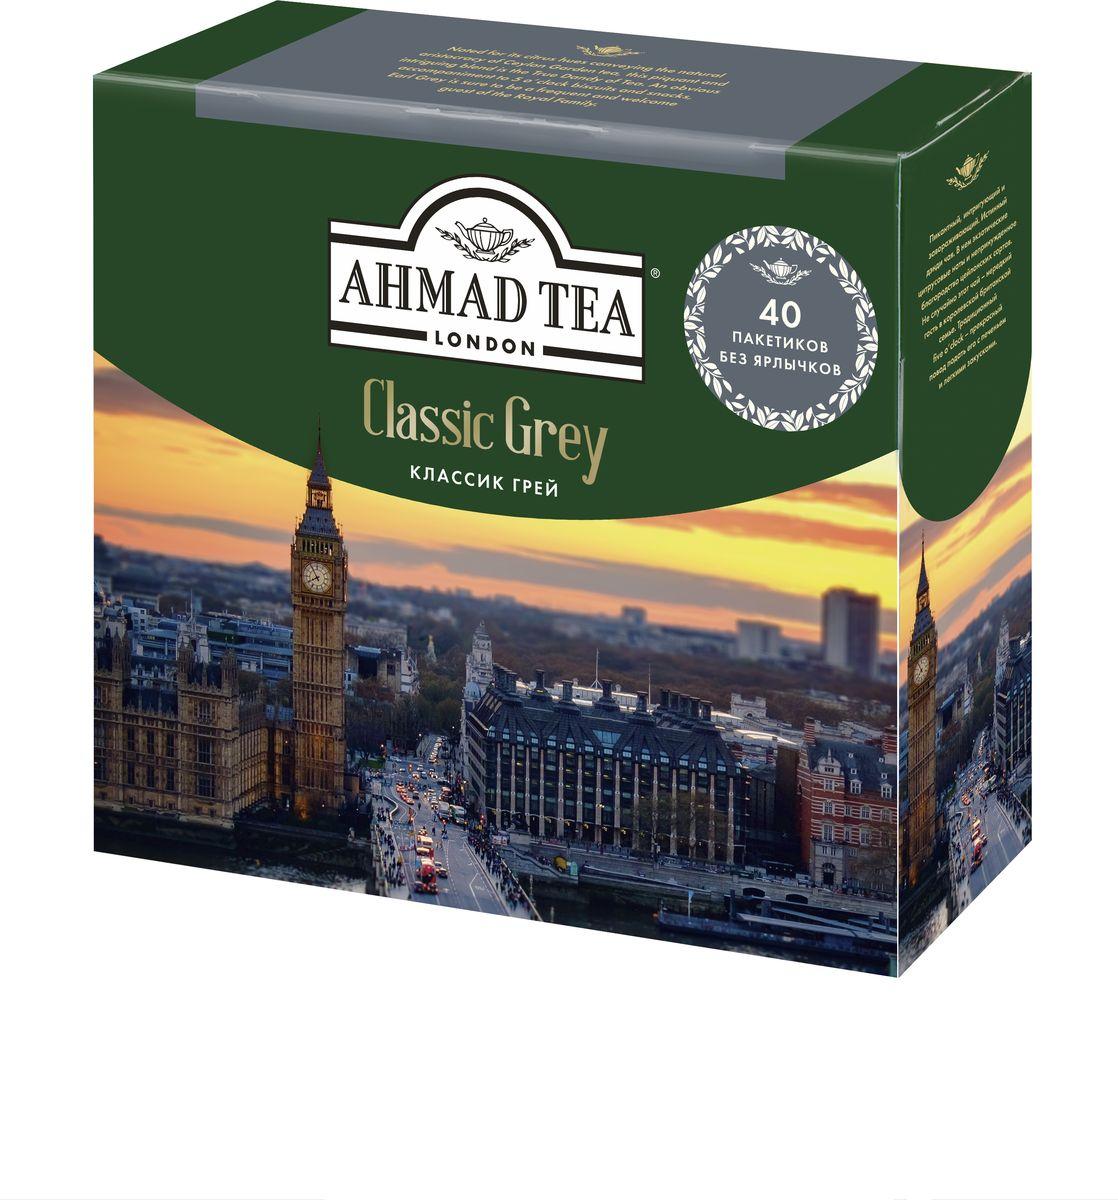 Ahmad Tea Classic Grey черный чай в пакетиках без ярлычков, 40 шт ahmad tea earl grey черный чай 100 г жестяная банка